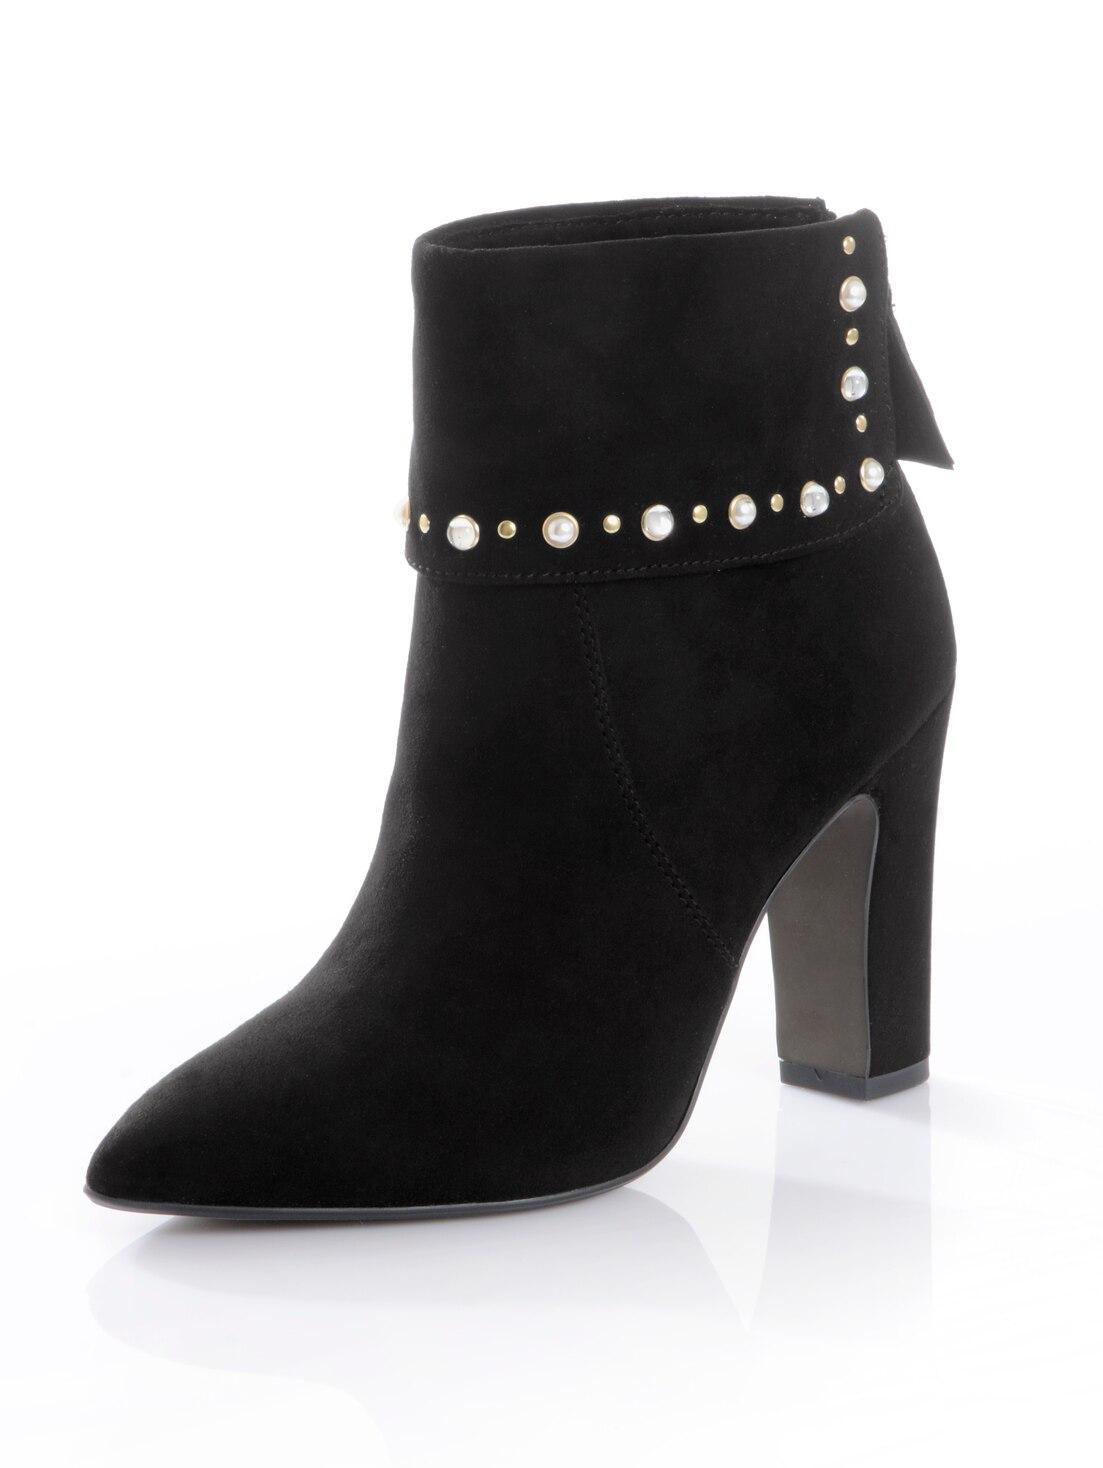 Stiefelette Tamaris schwarz online kaufen | Stylesoul